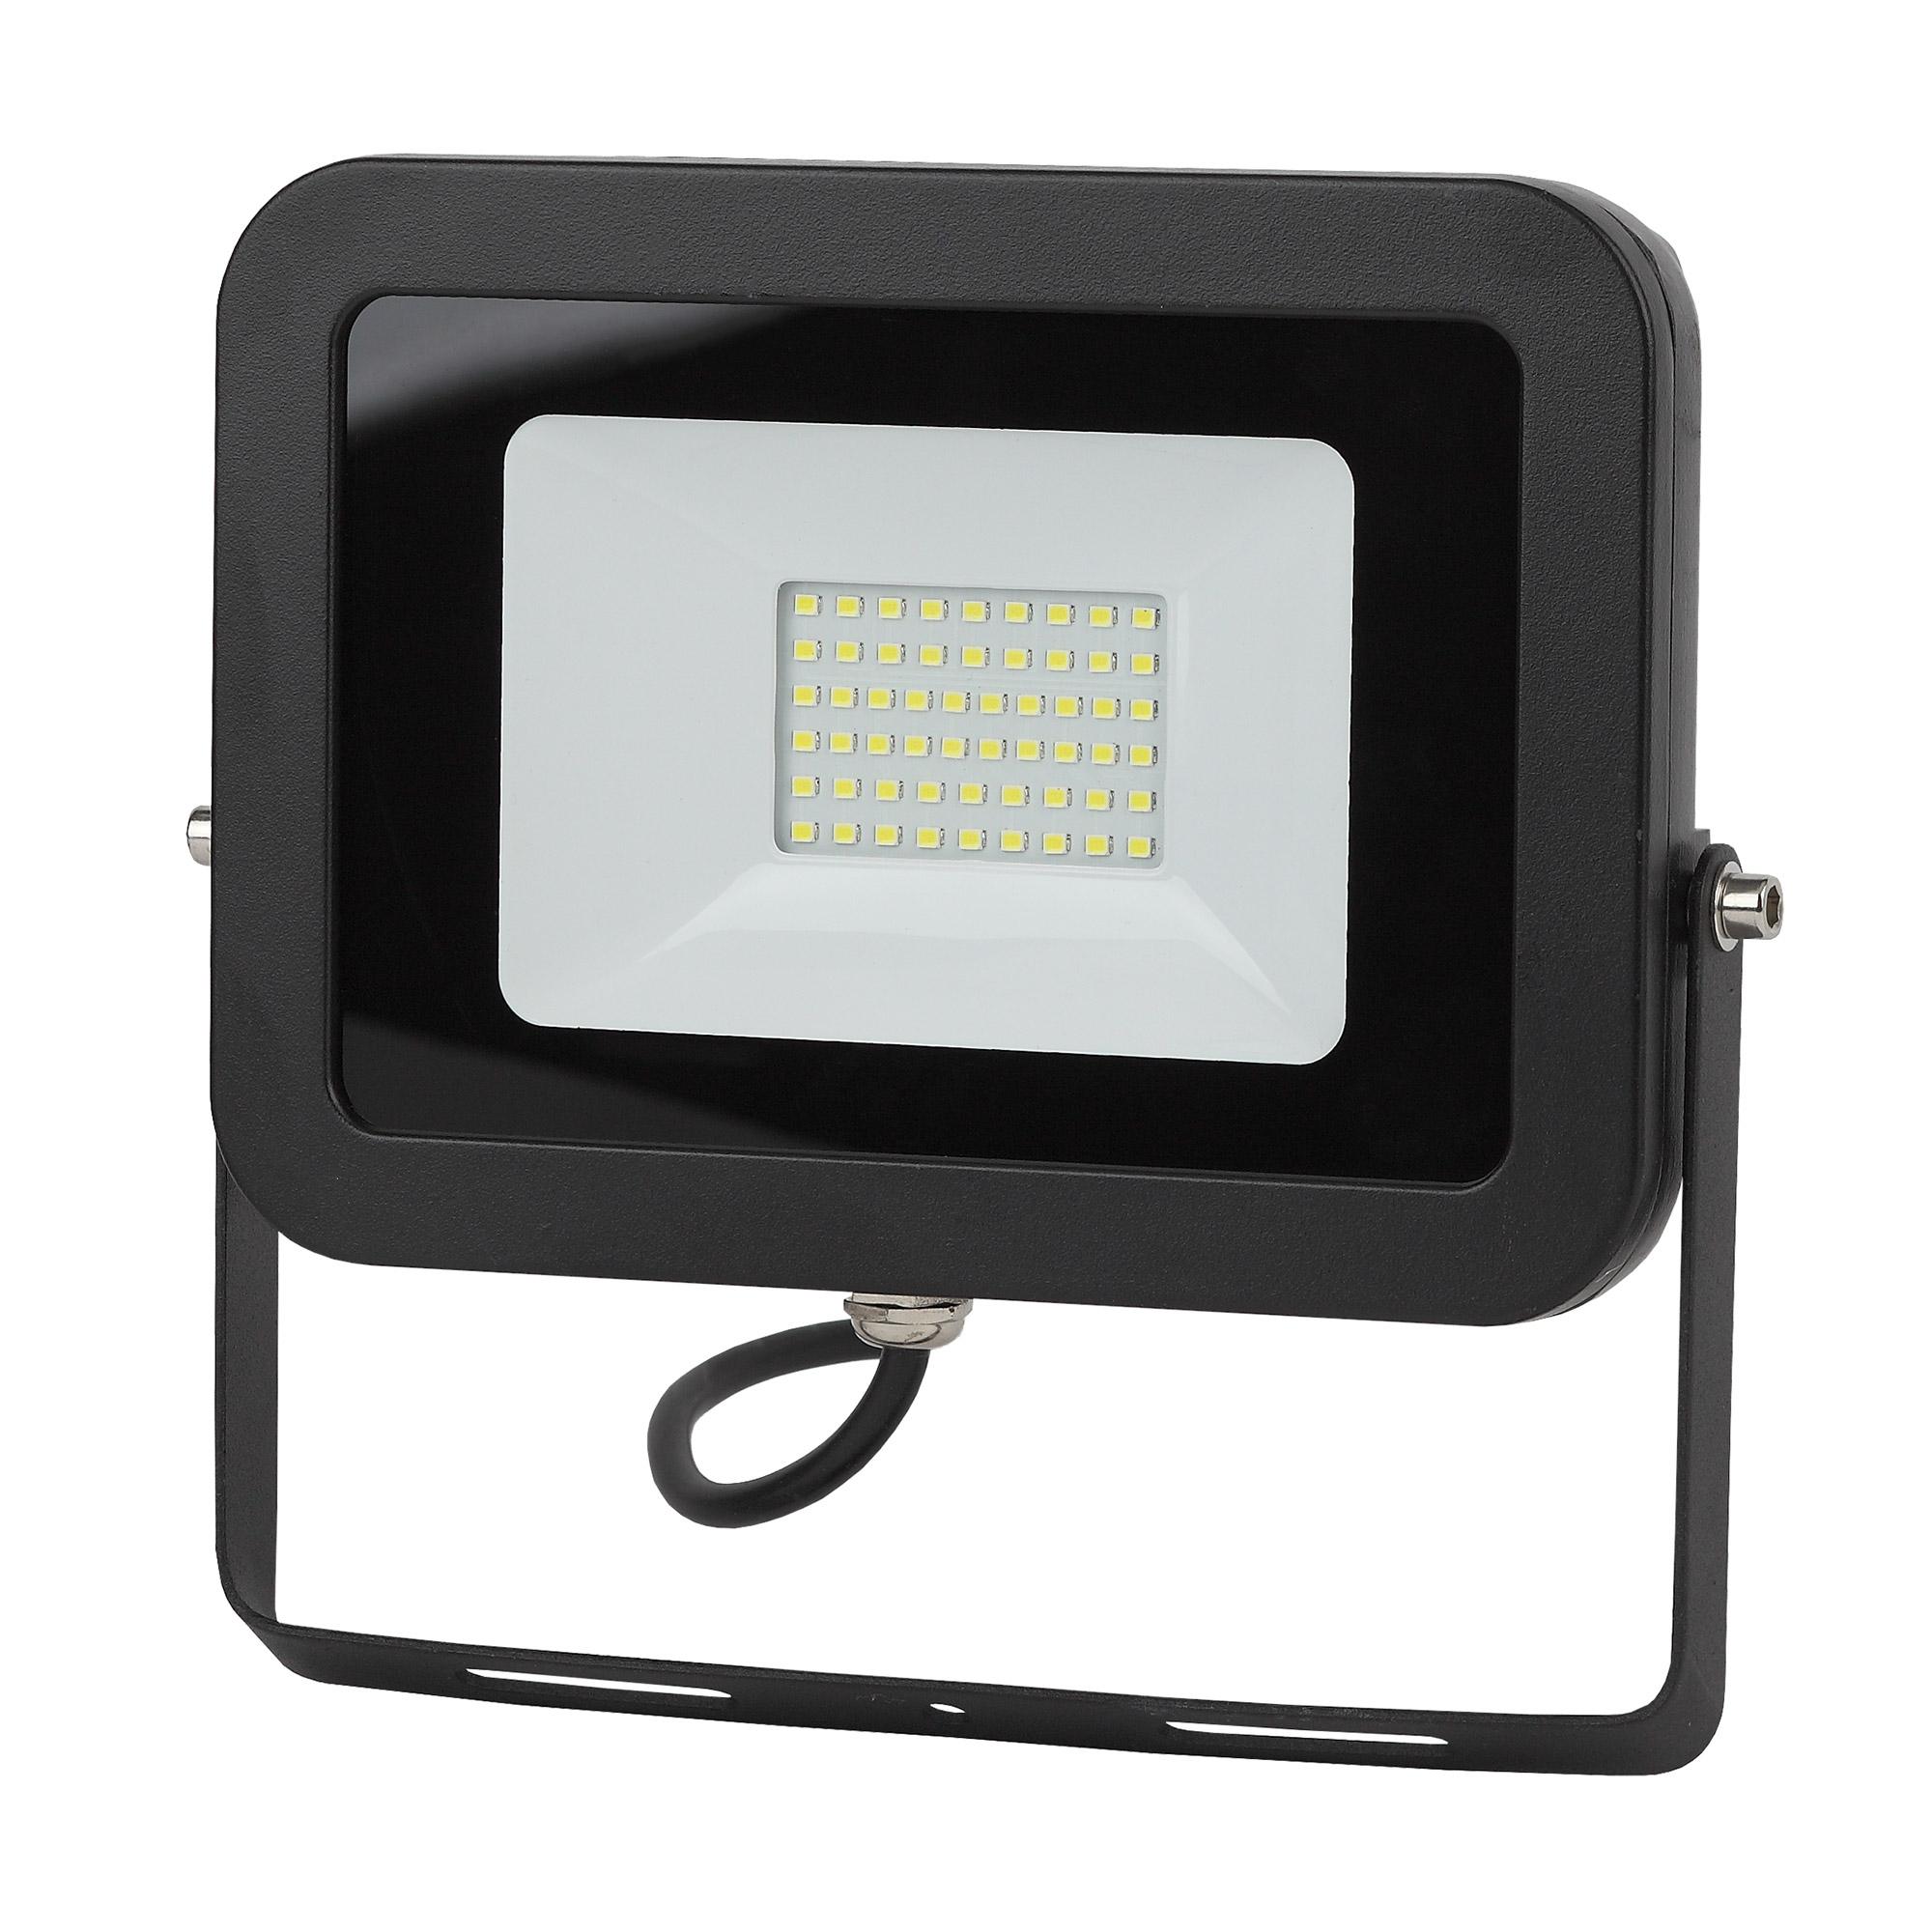 Фото - Прожектор ЭРА LPR-70-6500К-М-SMD Eco Slim 70Вт 6300Лм 6500K 240х272 светодиодный прожектор эра lpr 30 6500k m smd б0017301